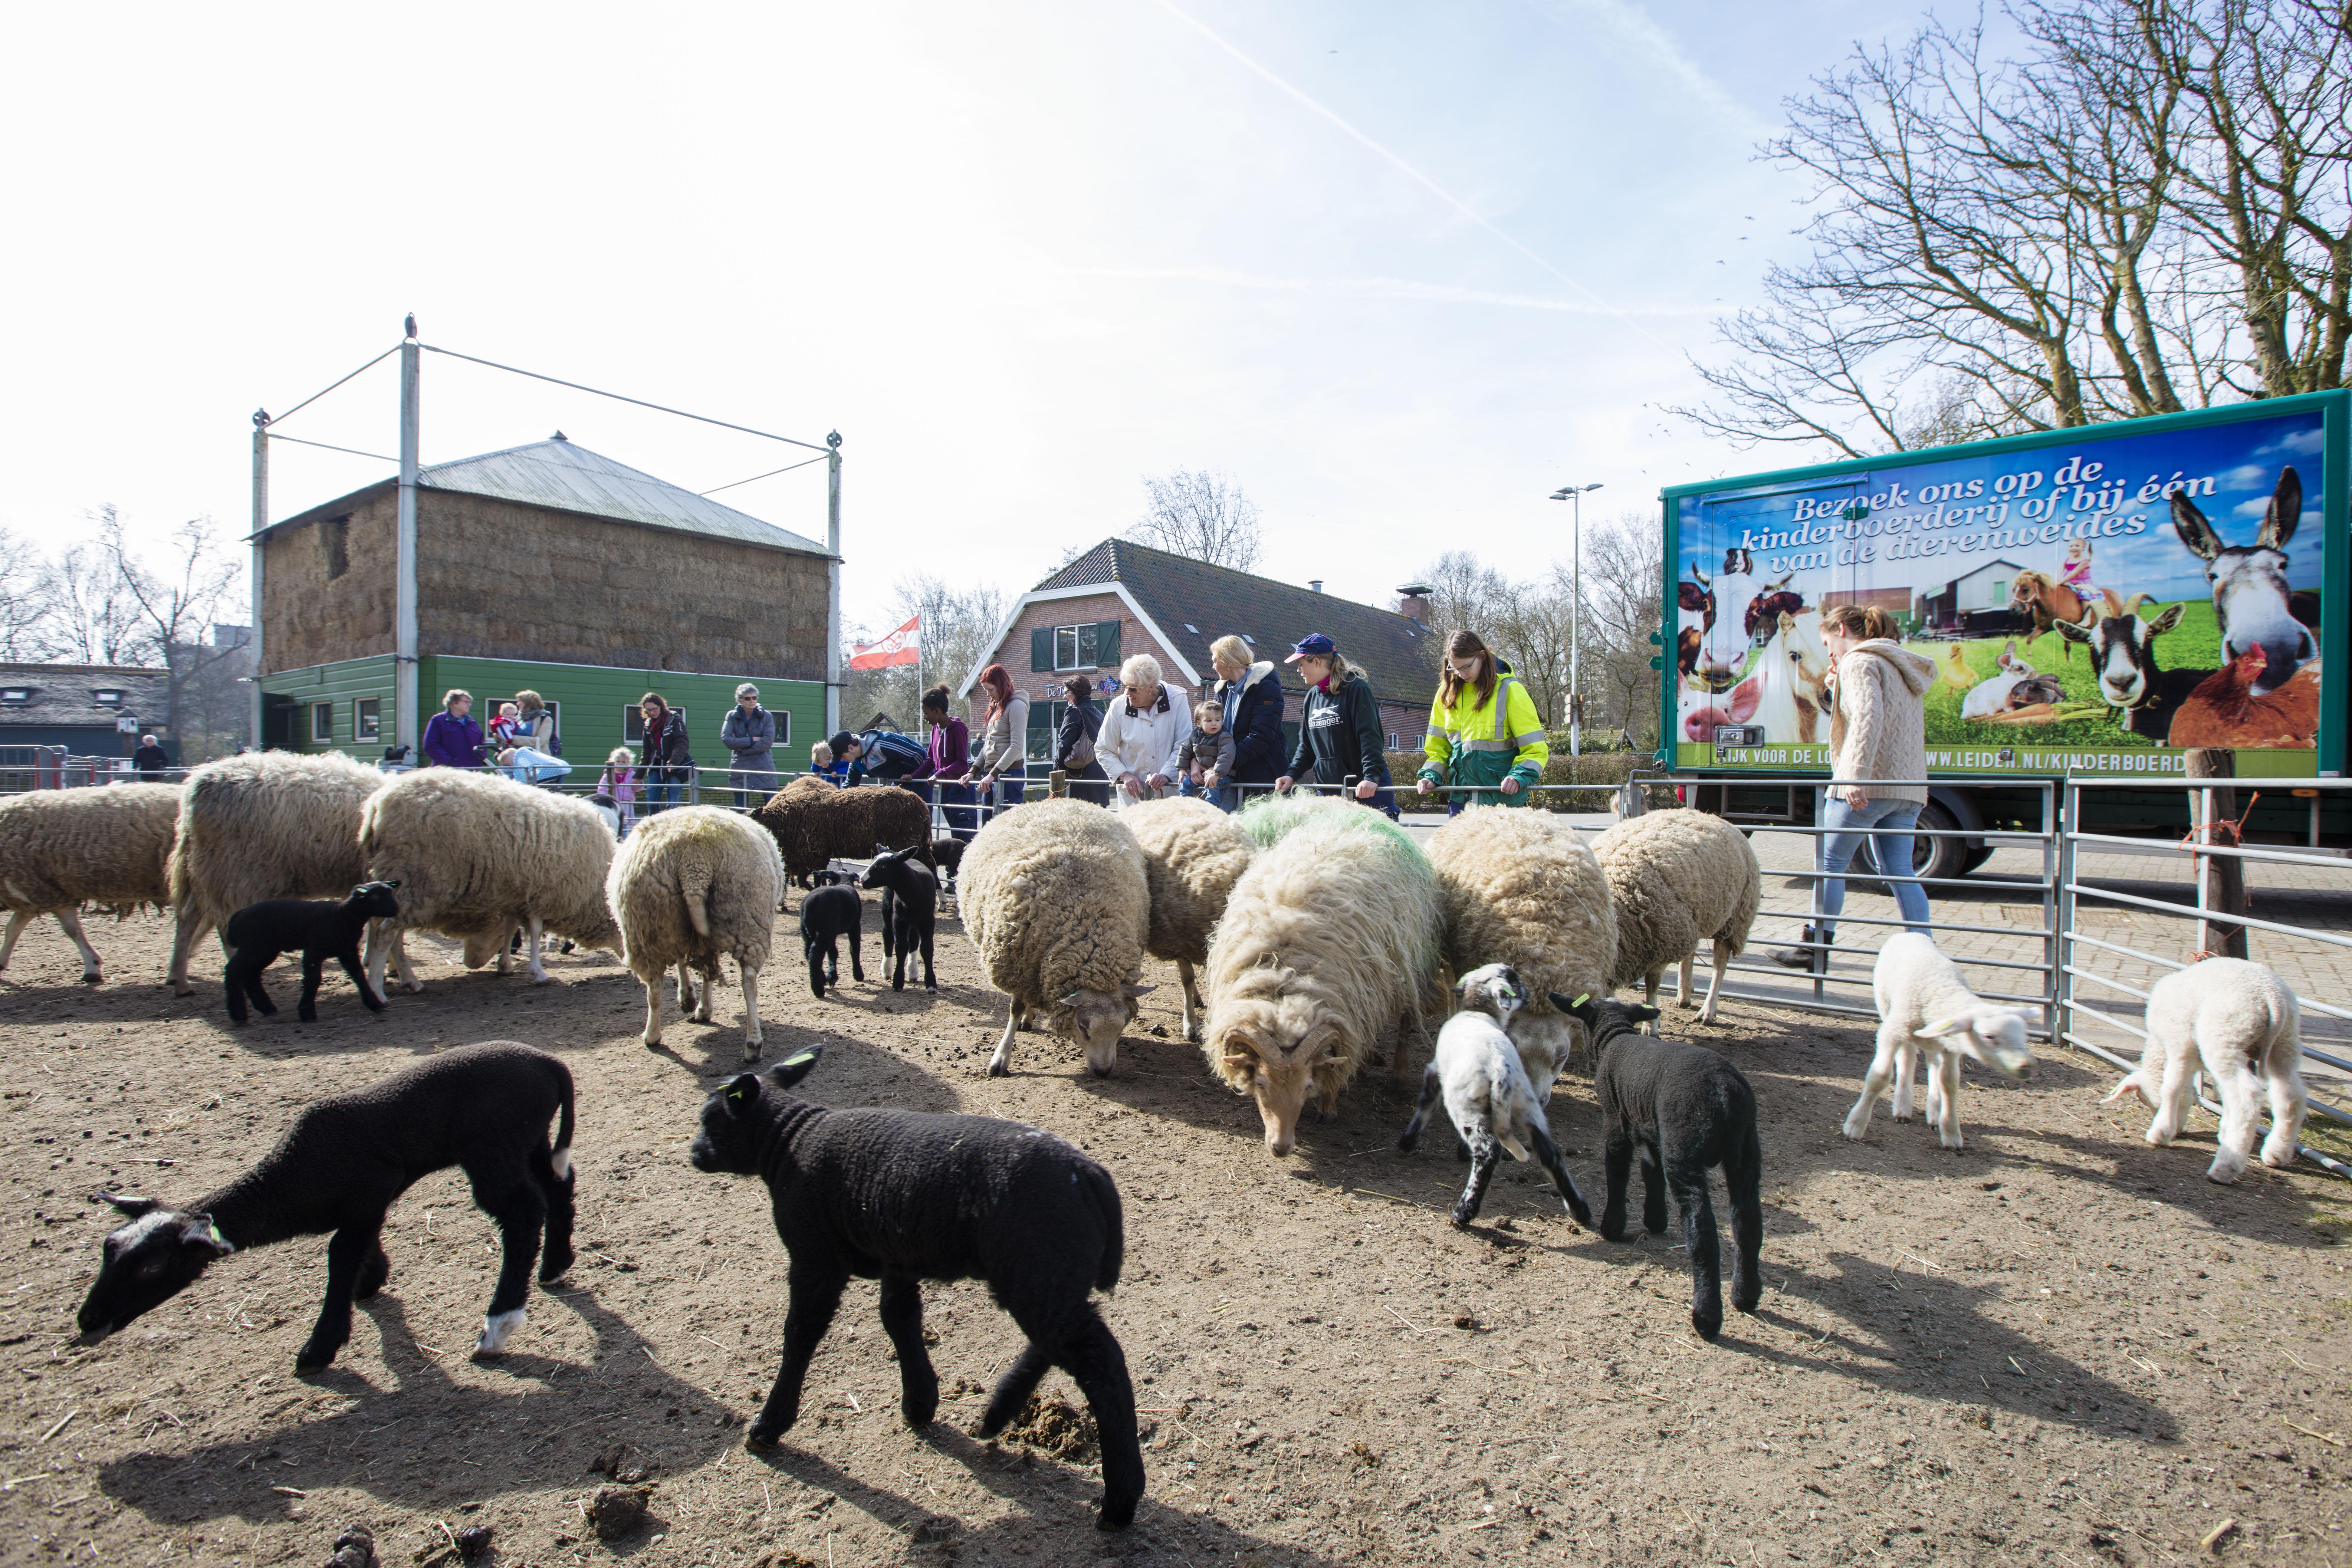 Deel lieve lammetjes in Merenwijk eindigt in slachthuis, waarschuwt jongerenorganisatie Veggiesquad